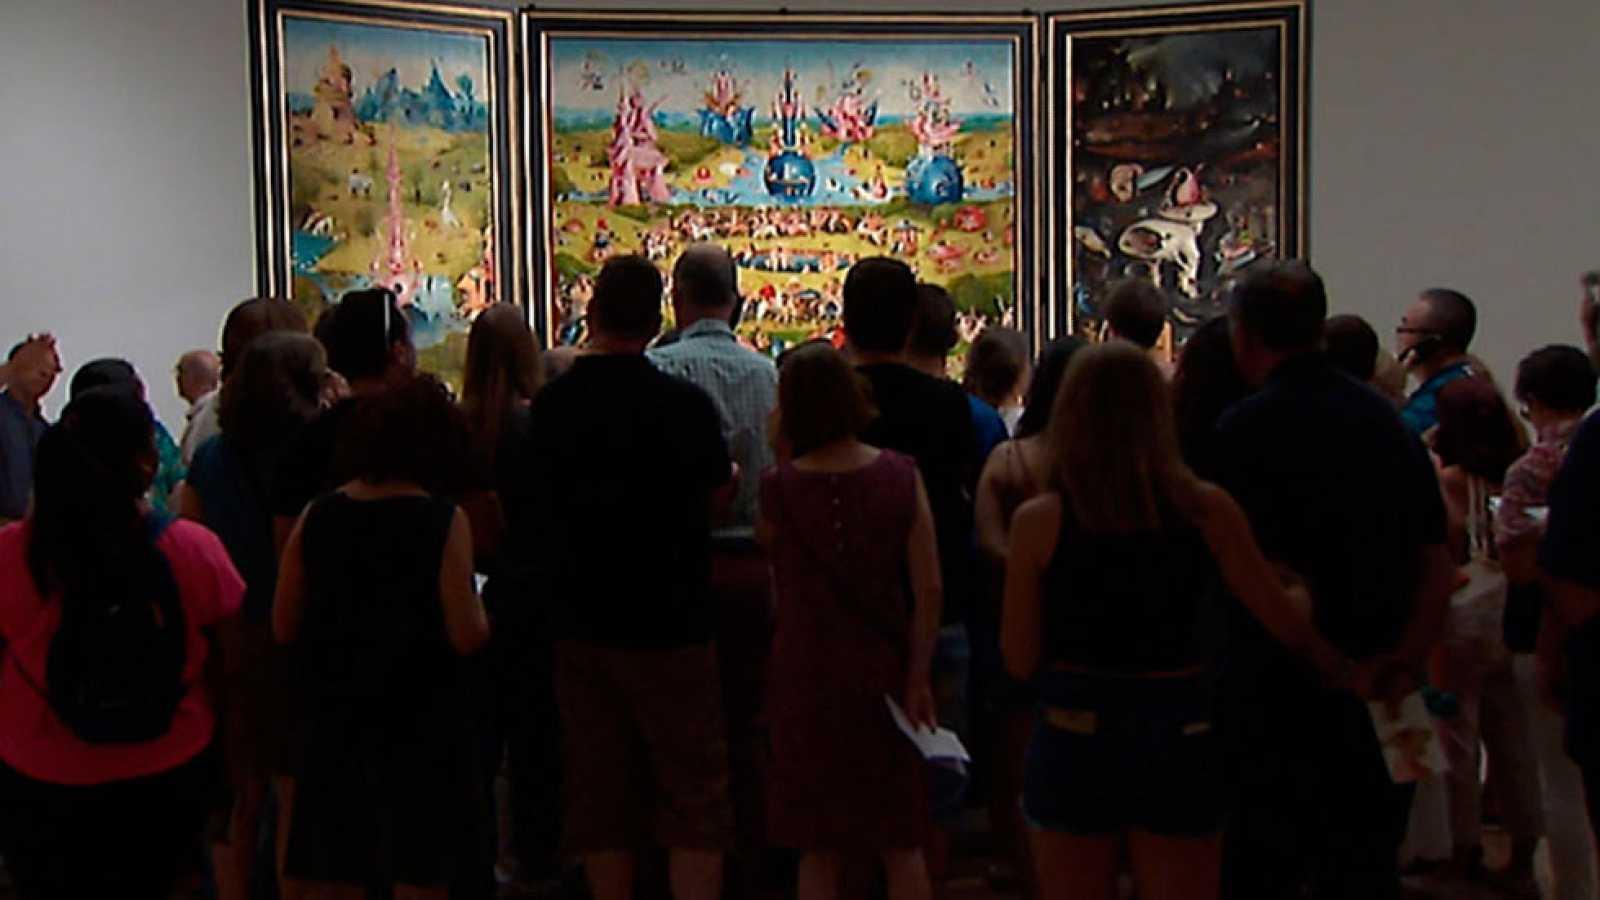 Casi 600.000 personas la han visto la exposición de El Bosco en el Museo del Prado